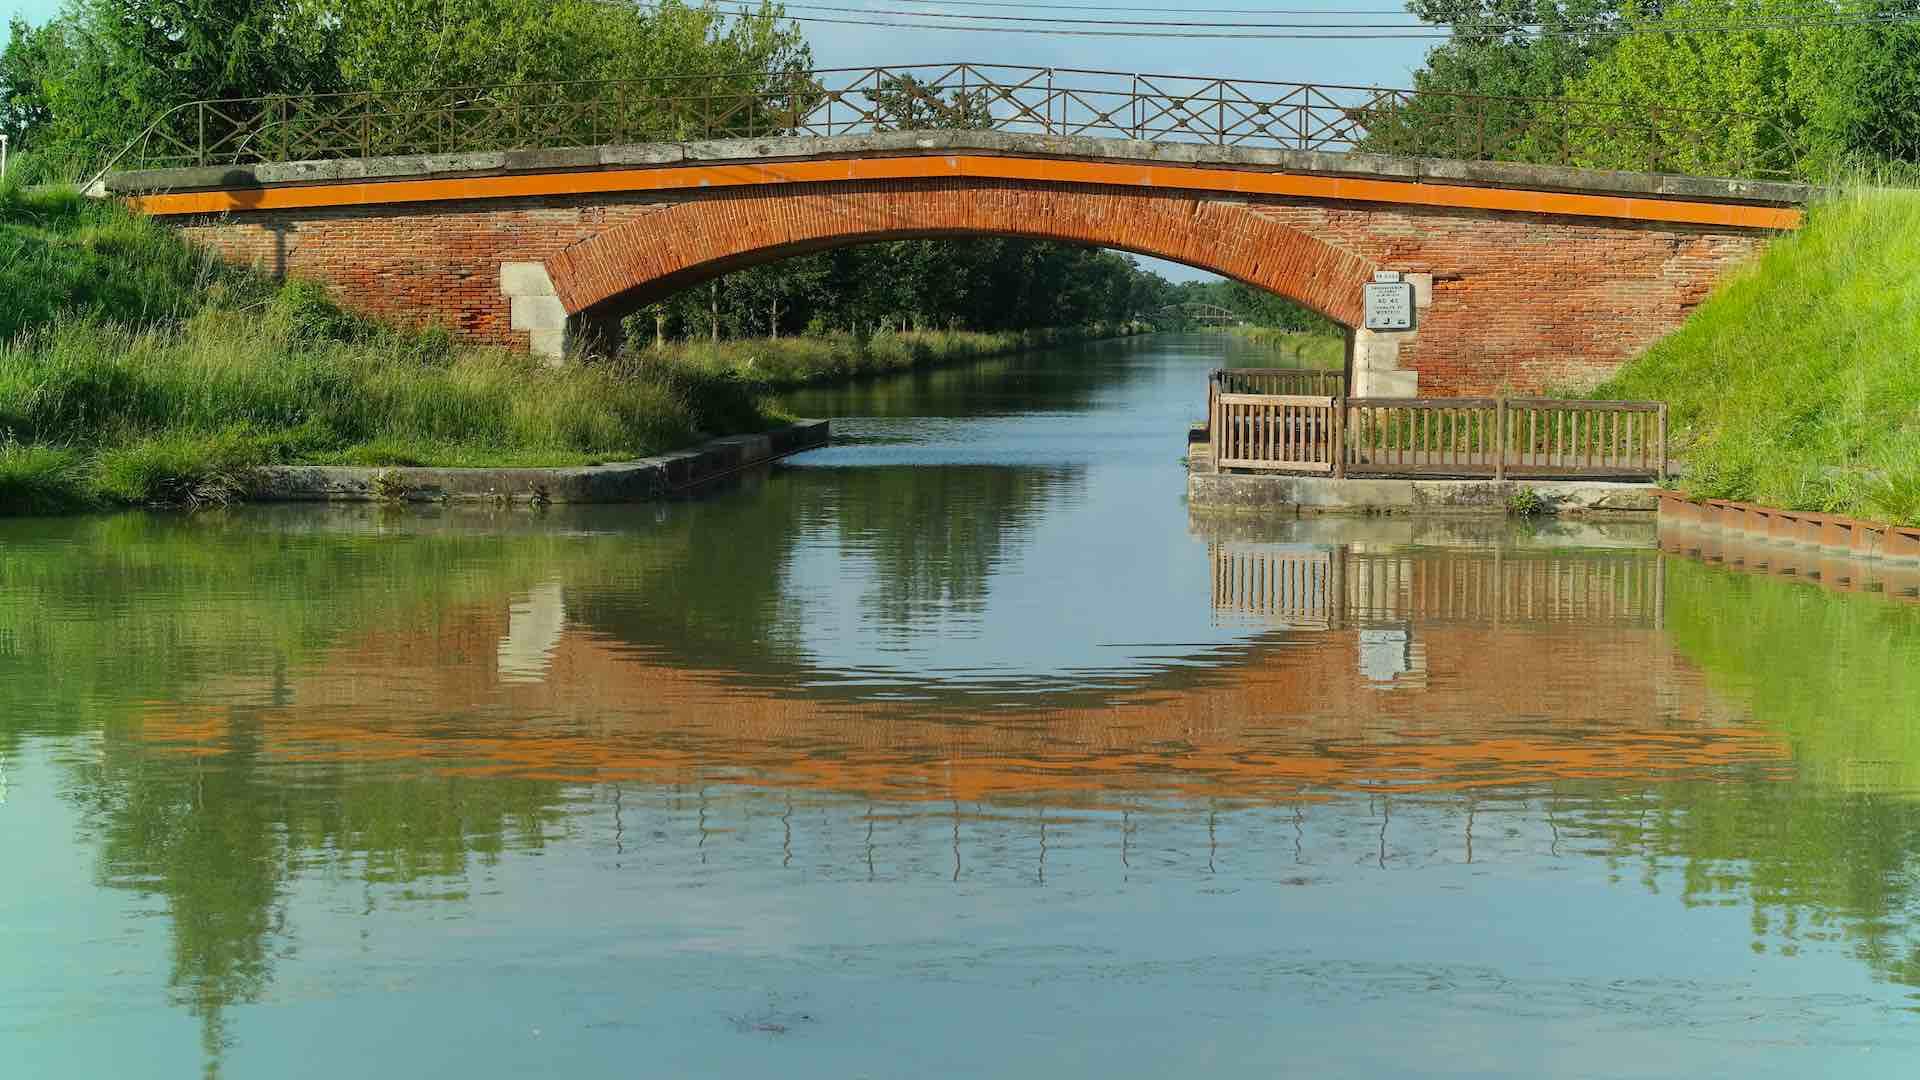 Puentes que unen las dos orillas y forman parte del paisaje